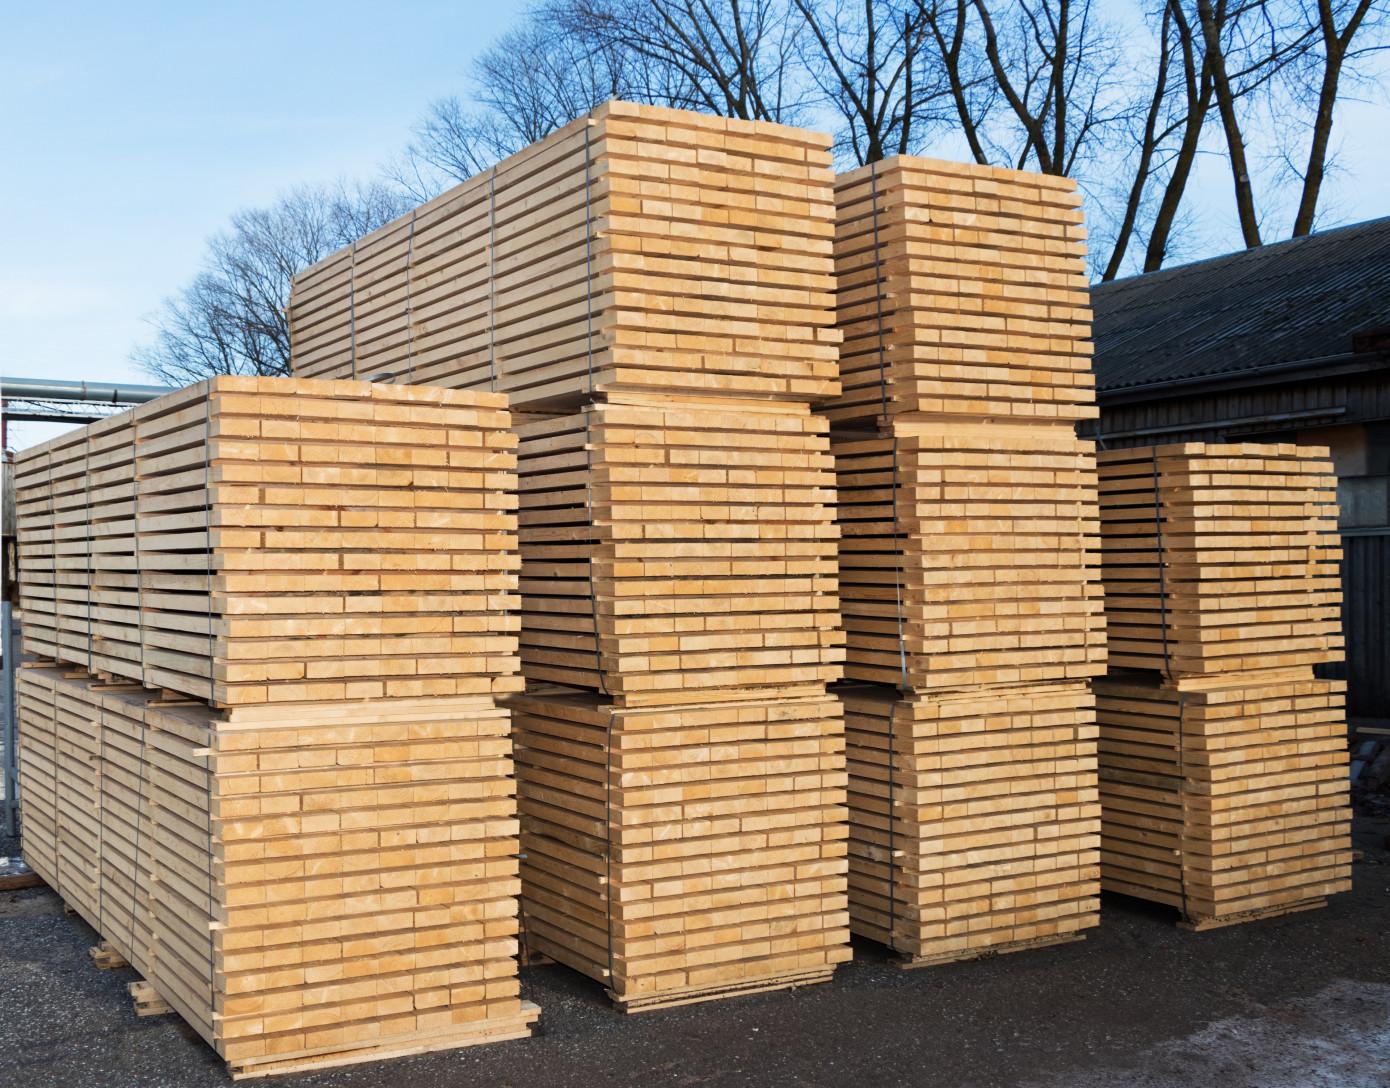 В августе 2021 г. Норвегия увеличила экспорт изделий из древесины на 10%